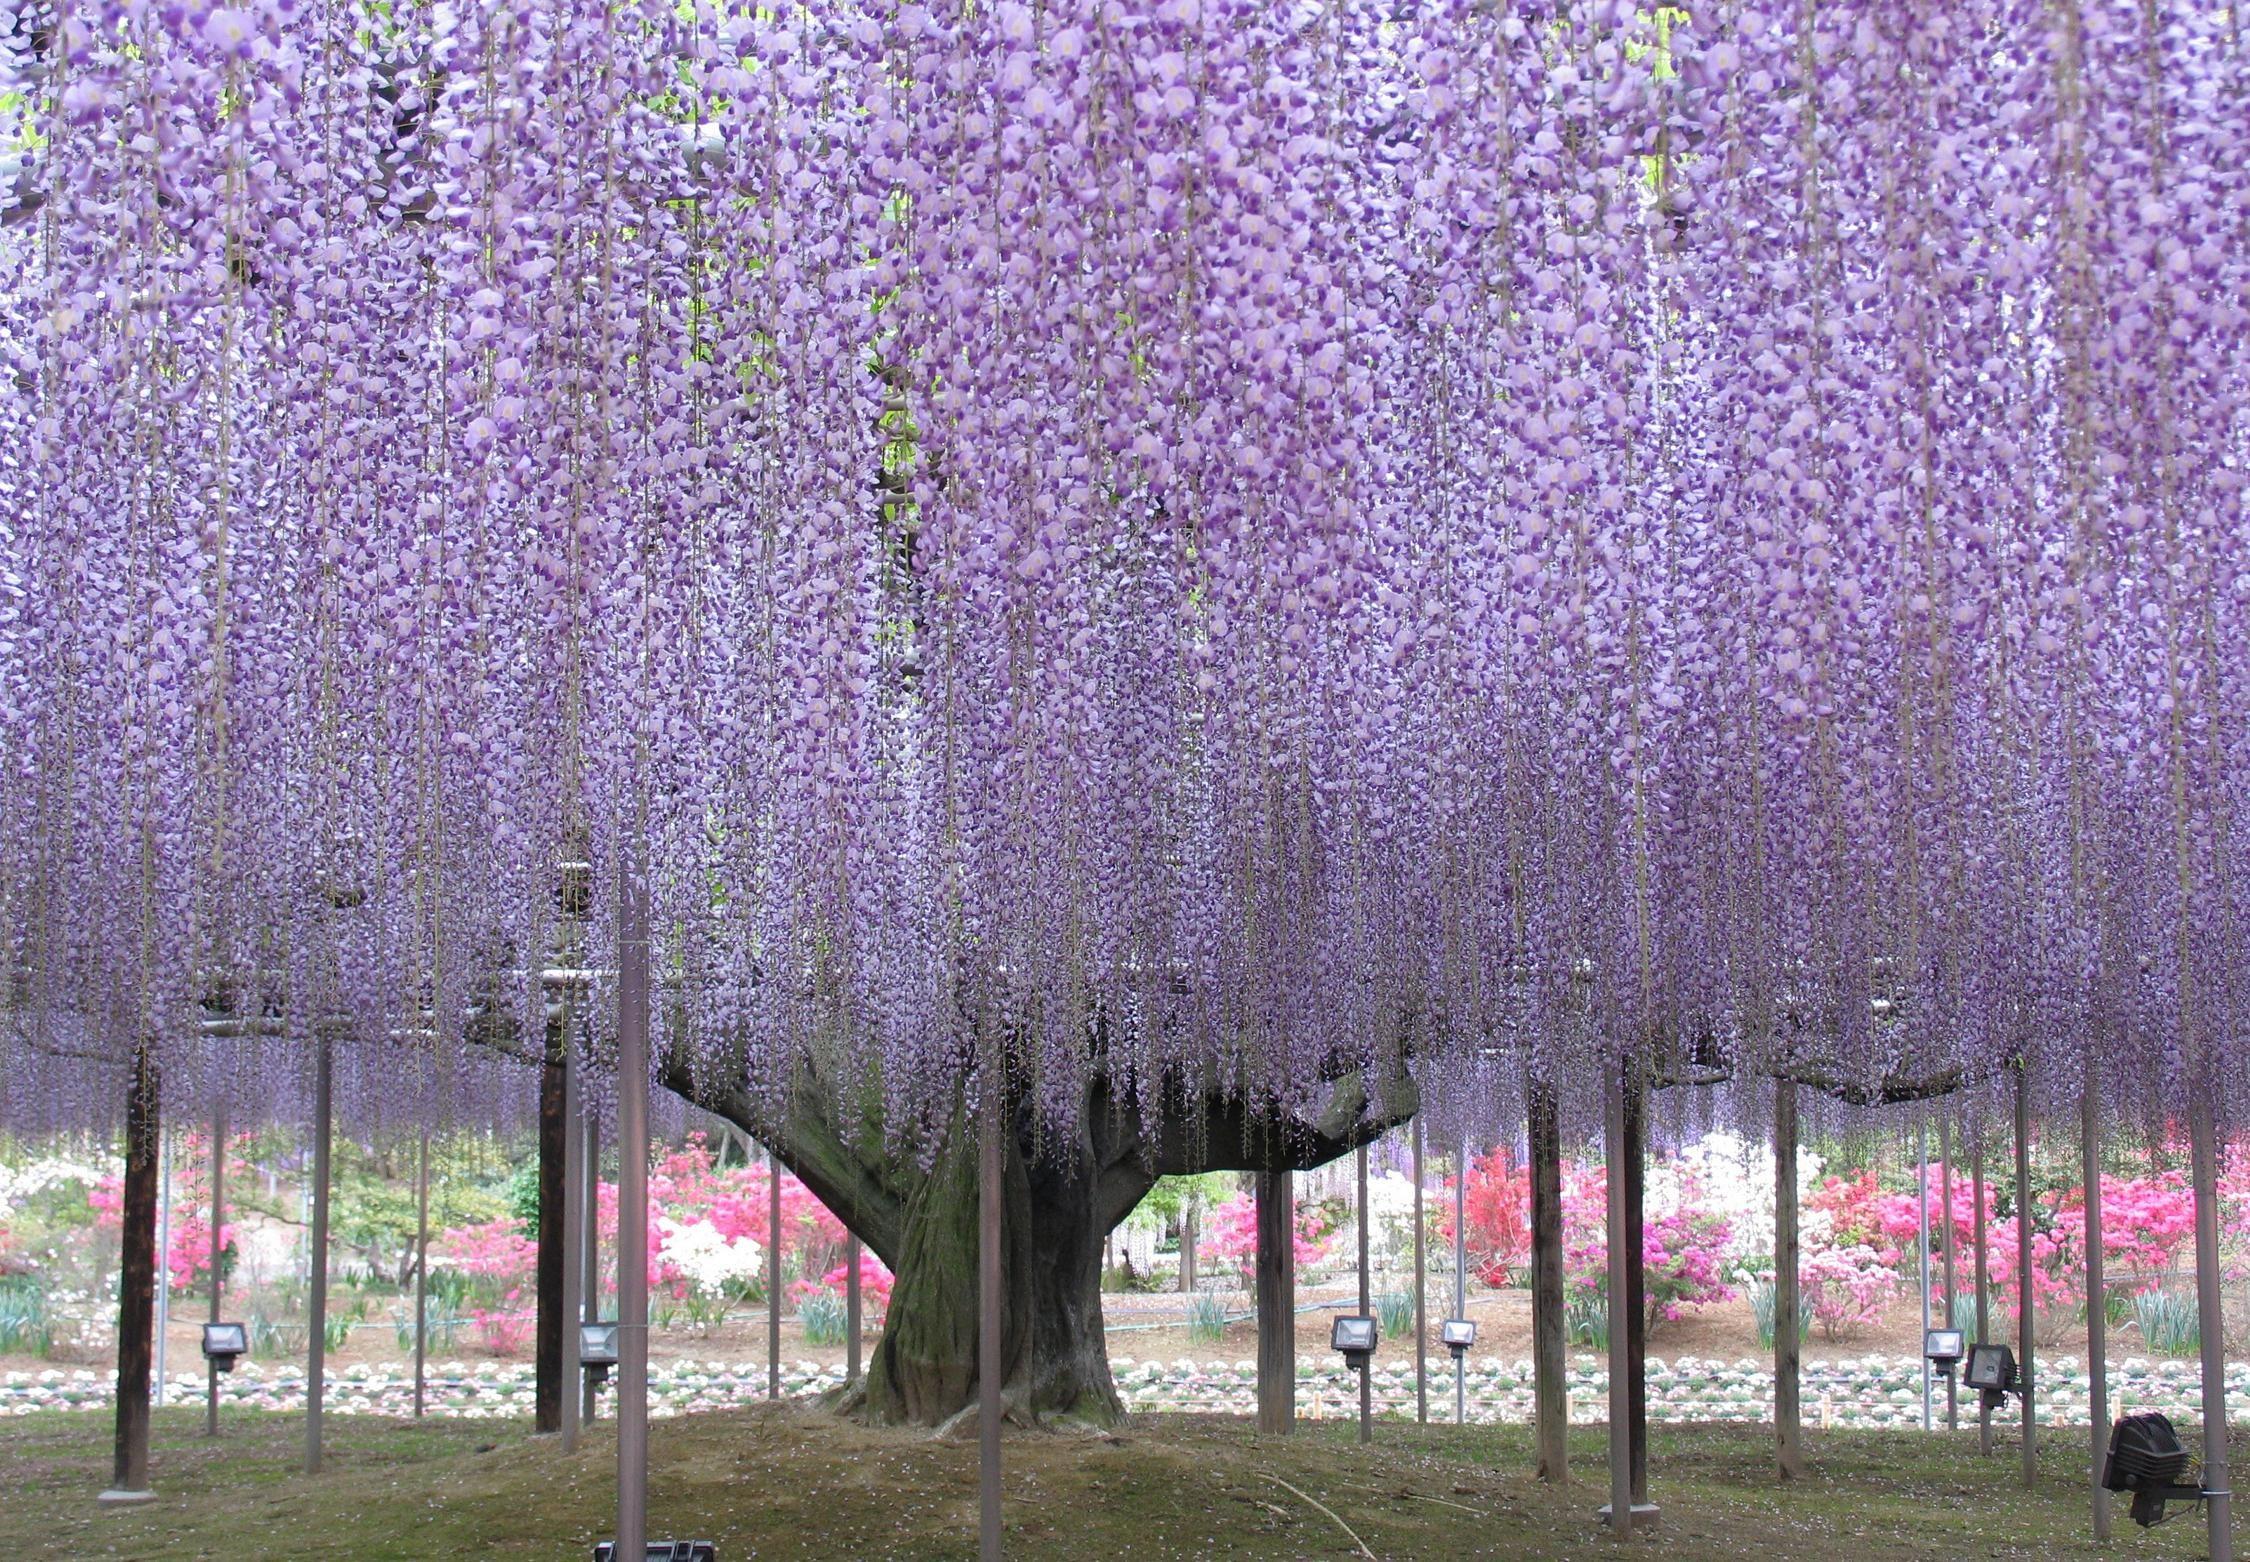 Ashikaga Flower Park Japanese Wisteria Japan Flower Garden Wisteria Tree Wisteria